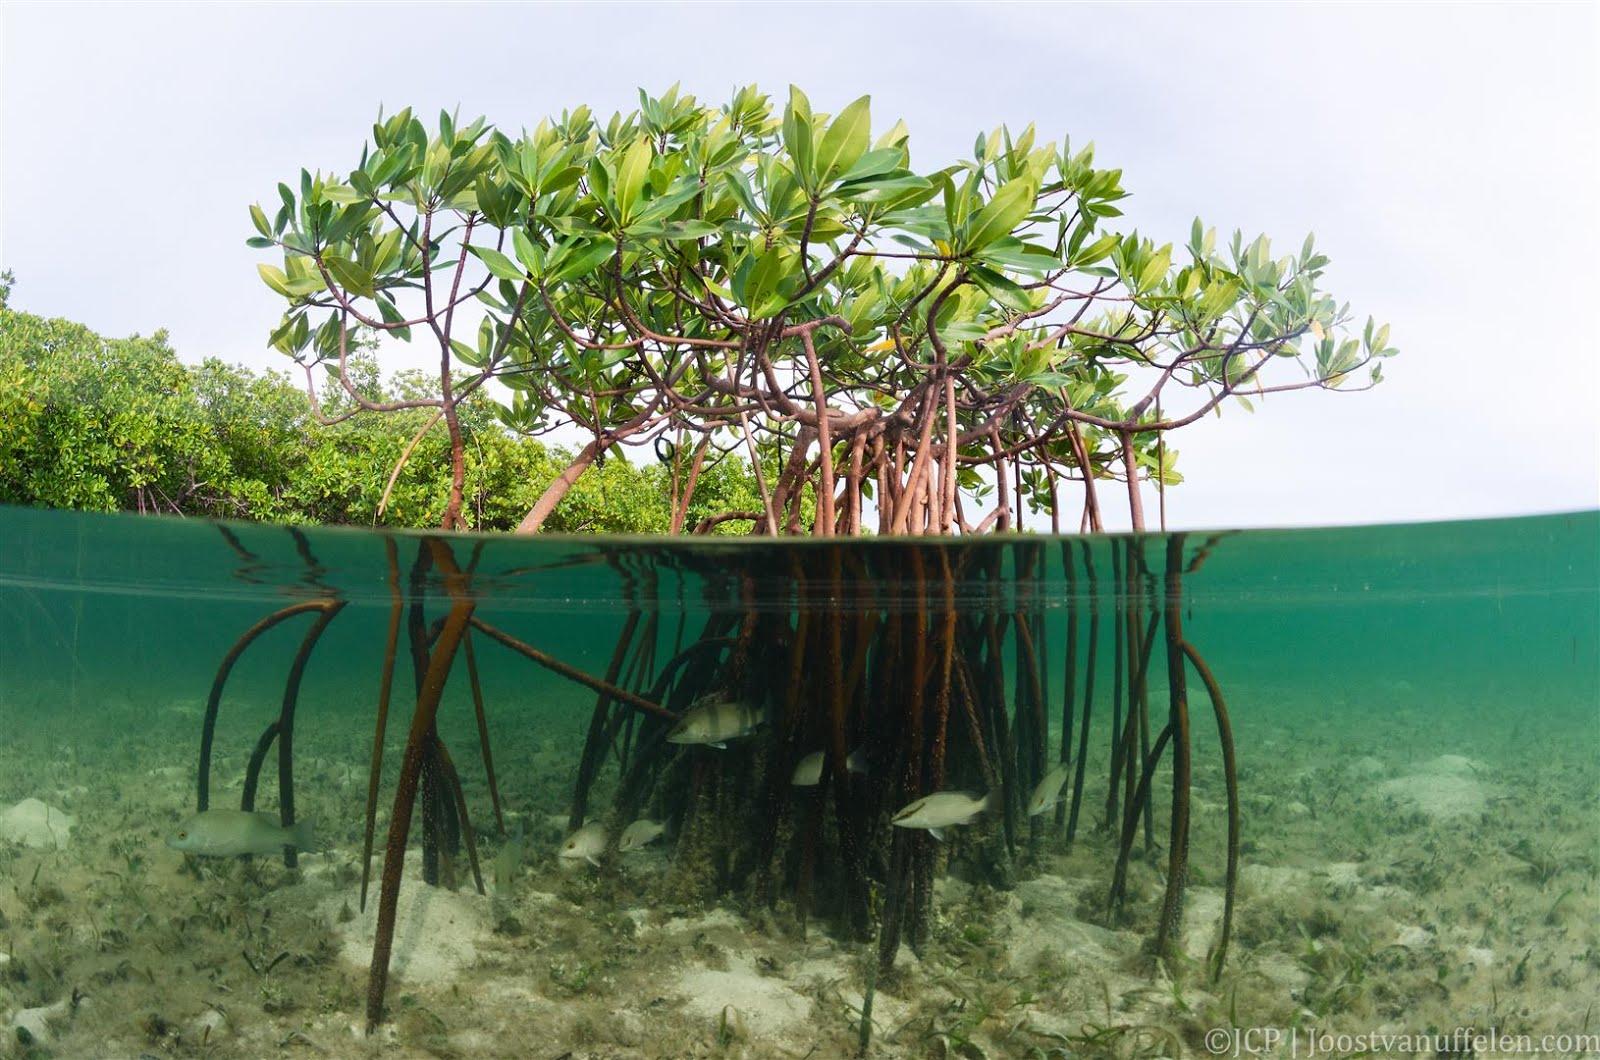 153 International Conservation And Restoring Degraded Habitats